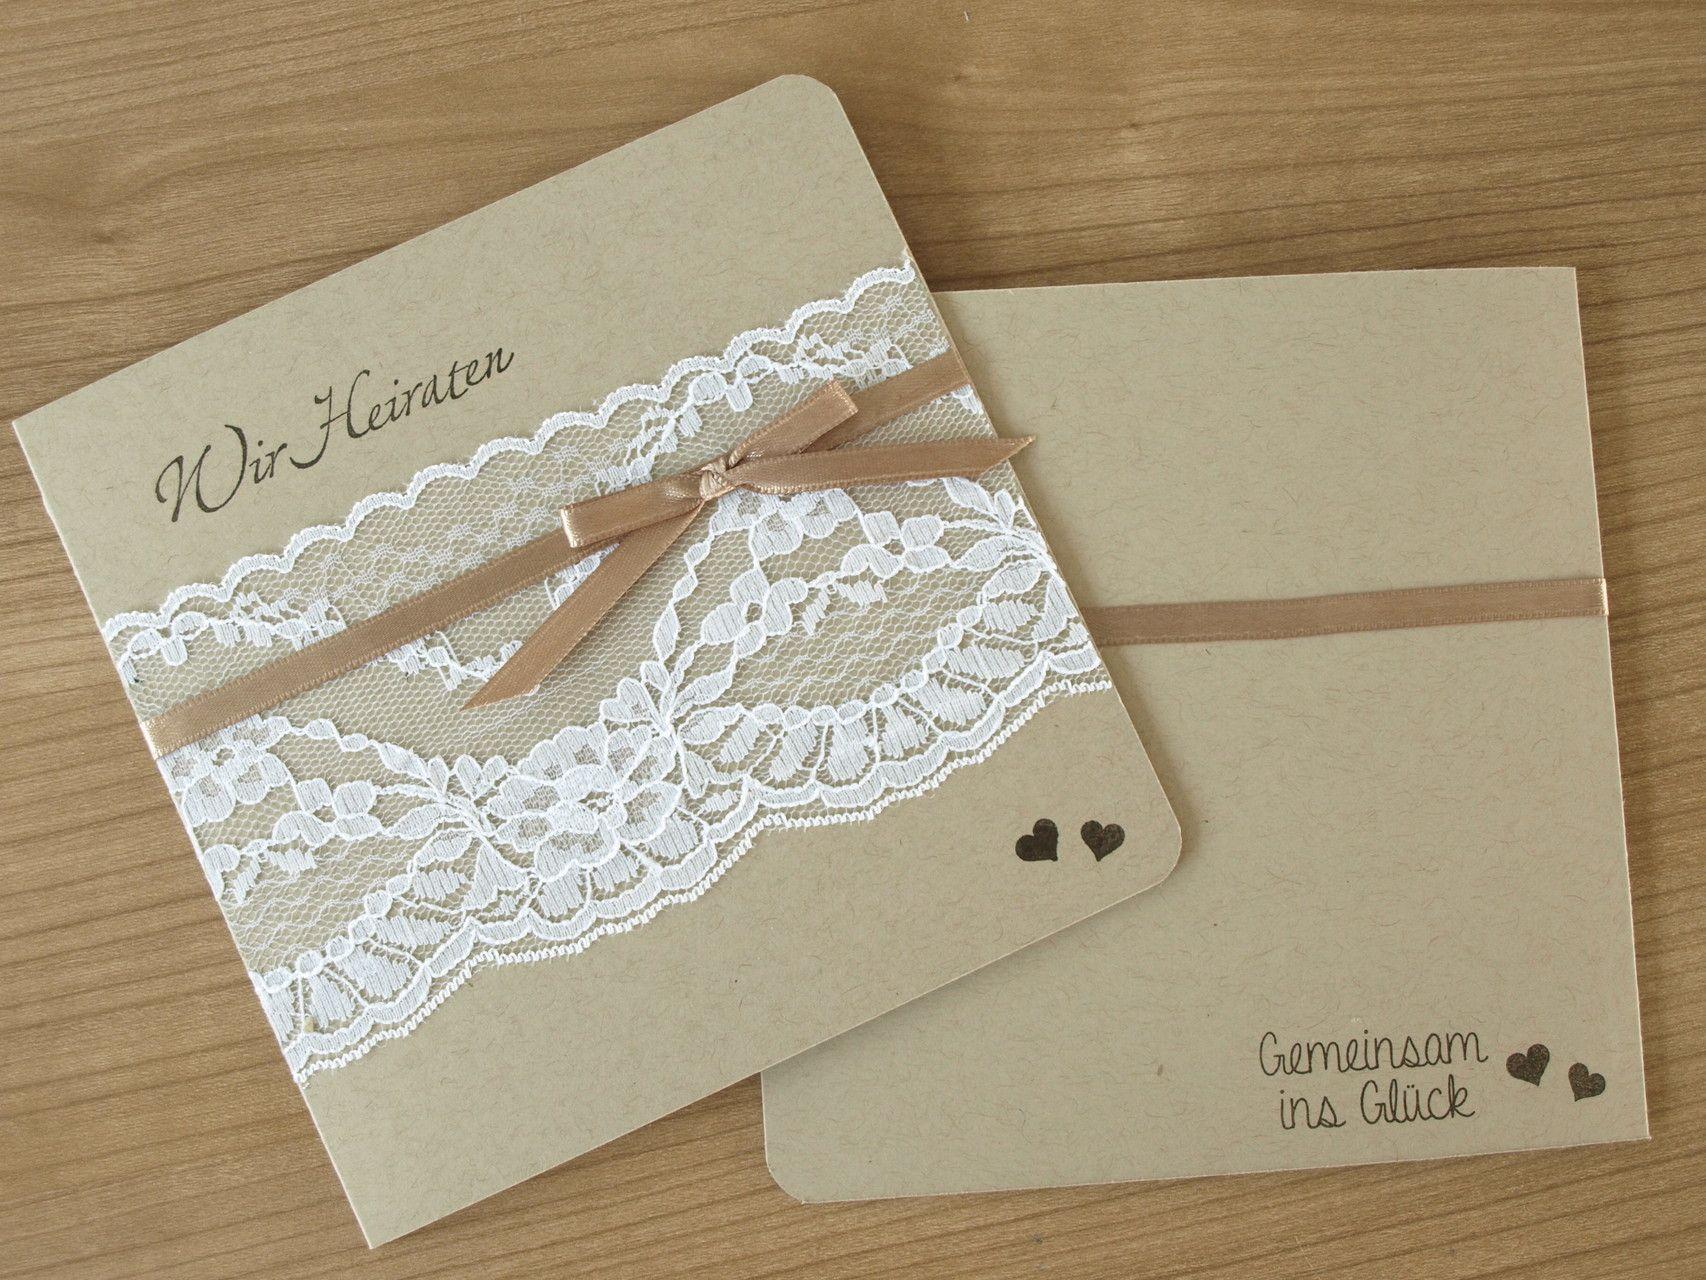 Einladung Hochzeit Wedding Invitation Vintage Style Gemeinsam